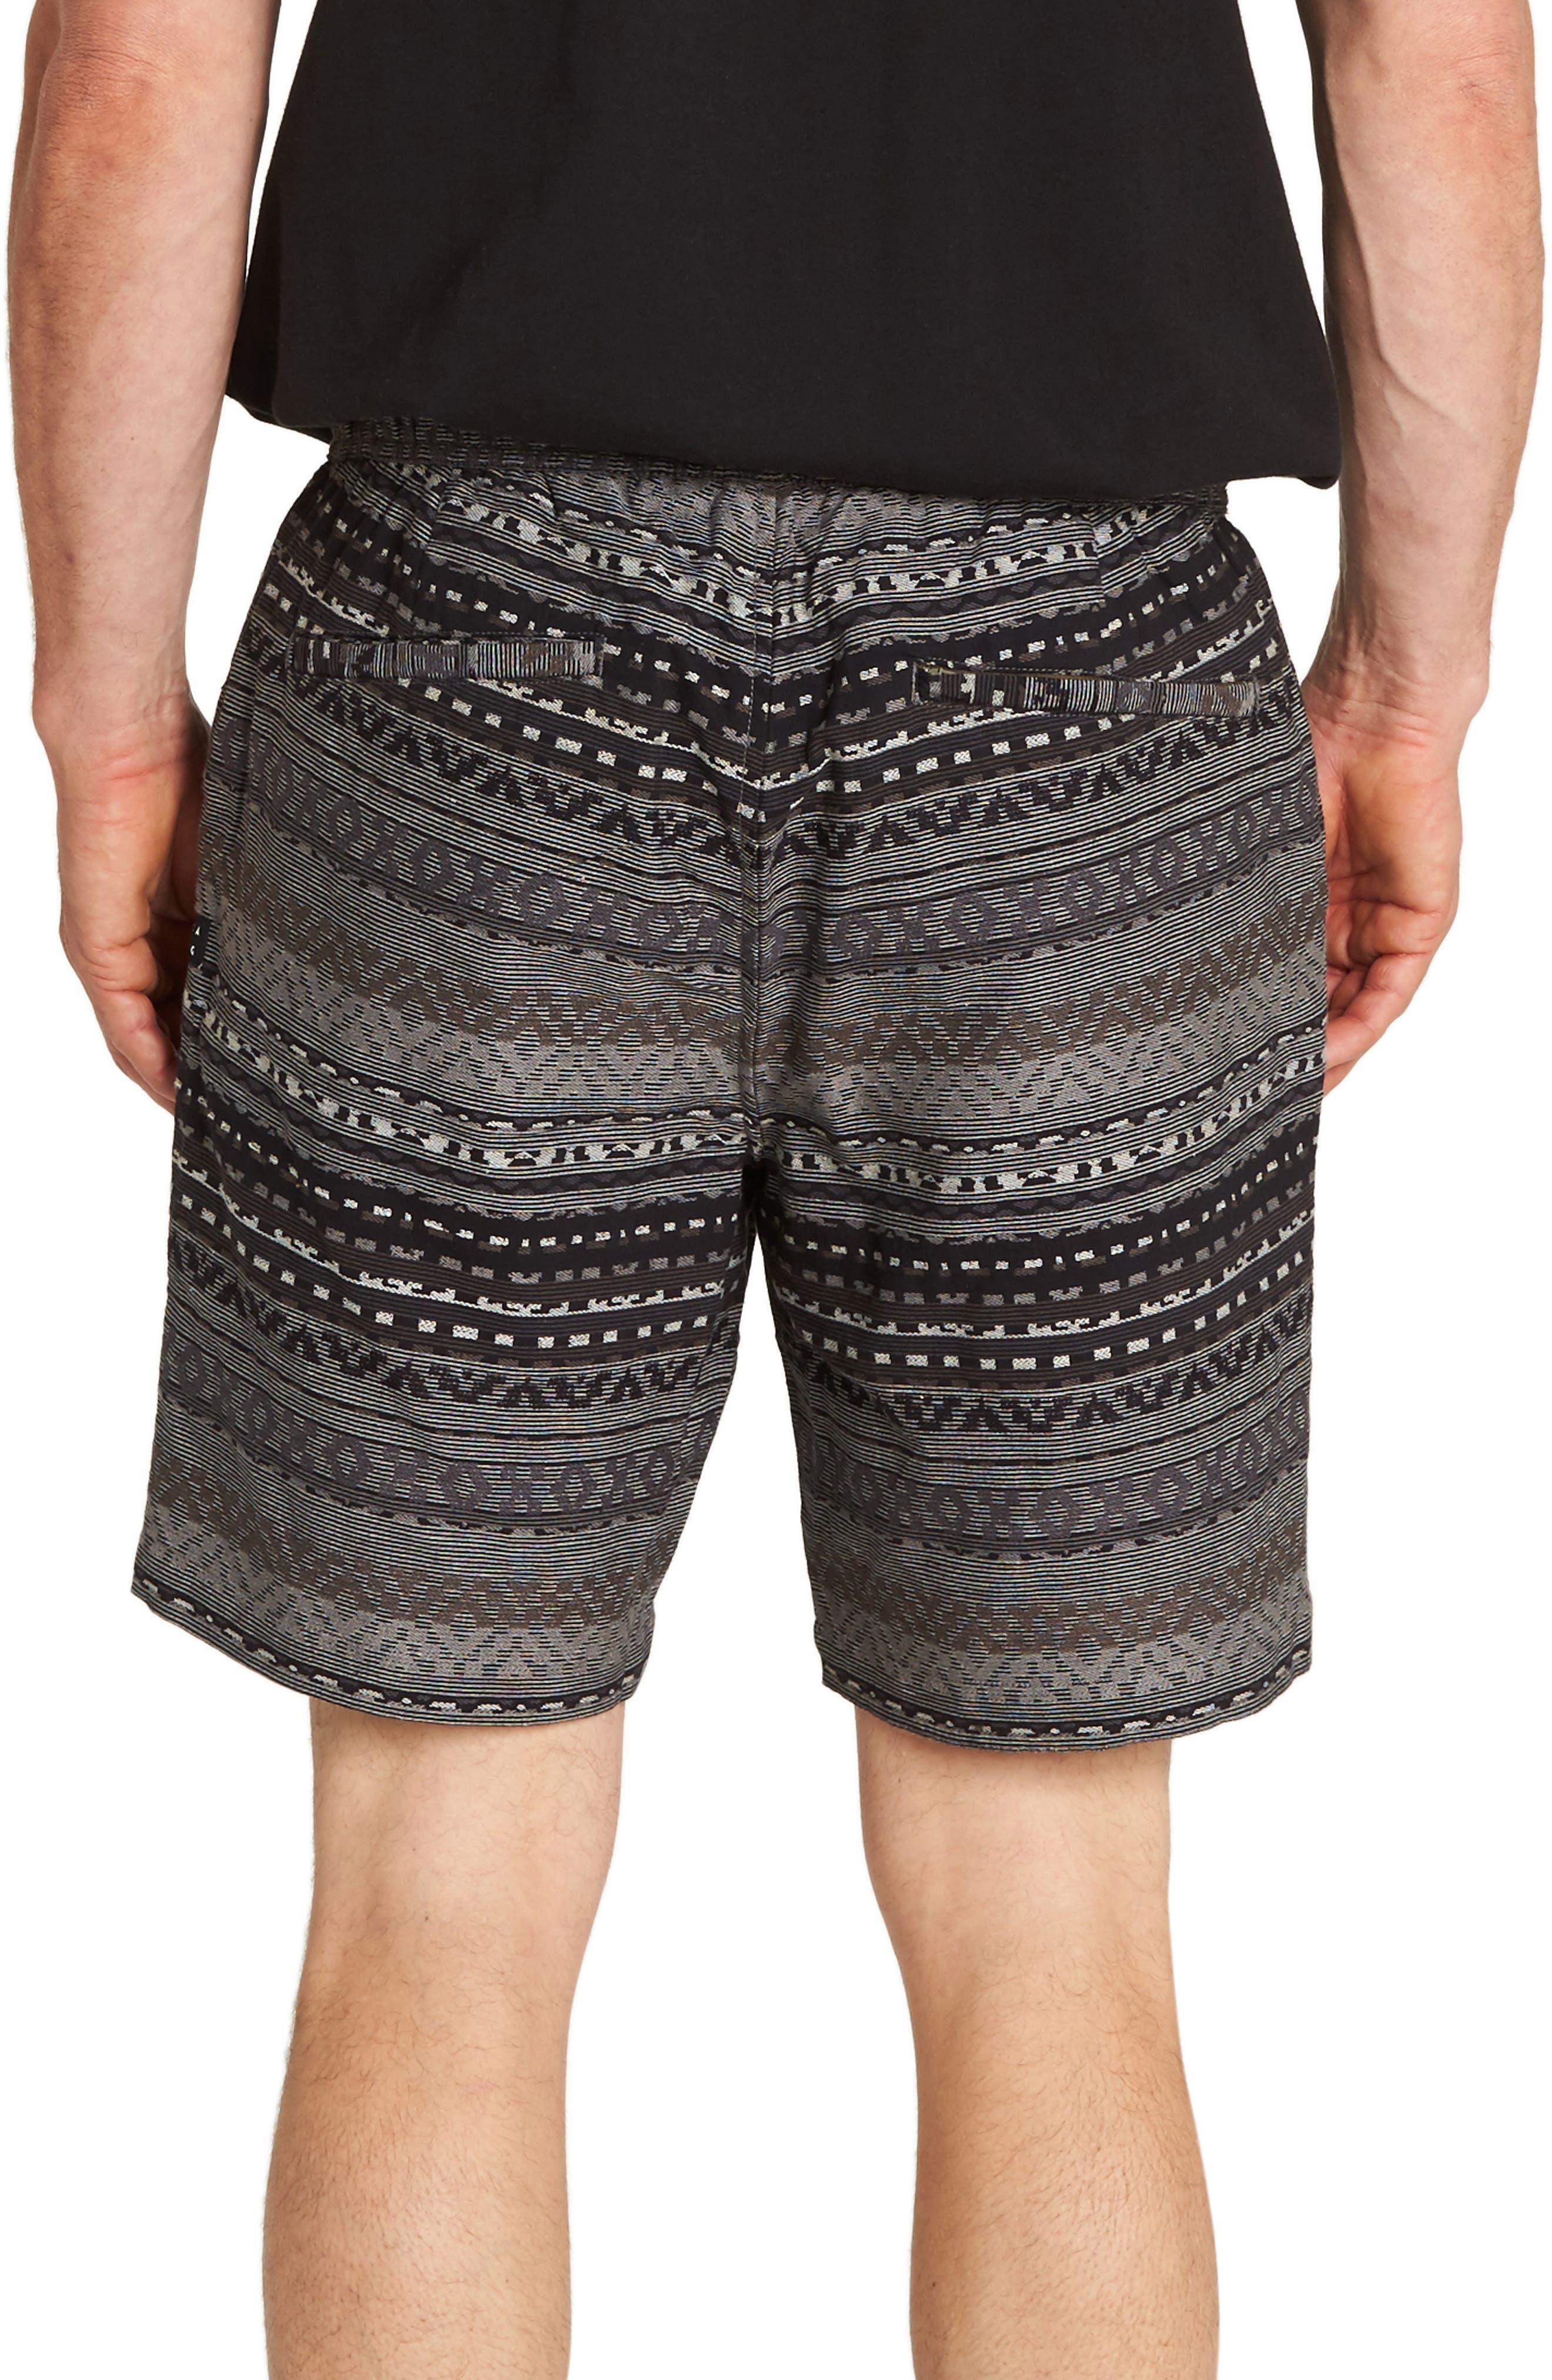 Larry Layback Jacquard Shorts,                             Alternate thumbnail 2, color,                             001